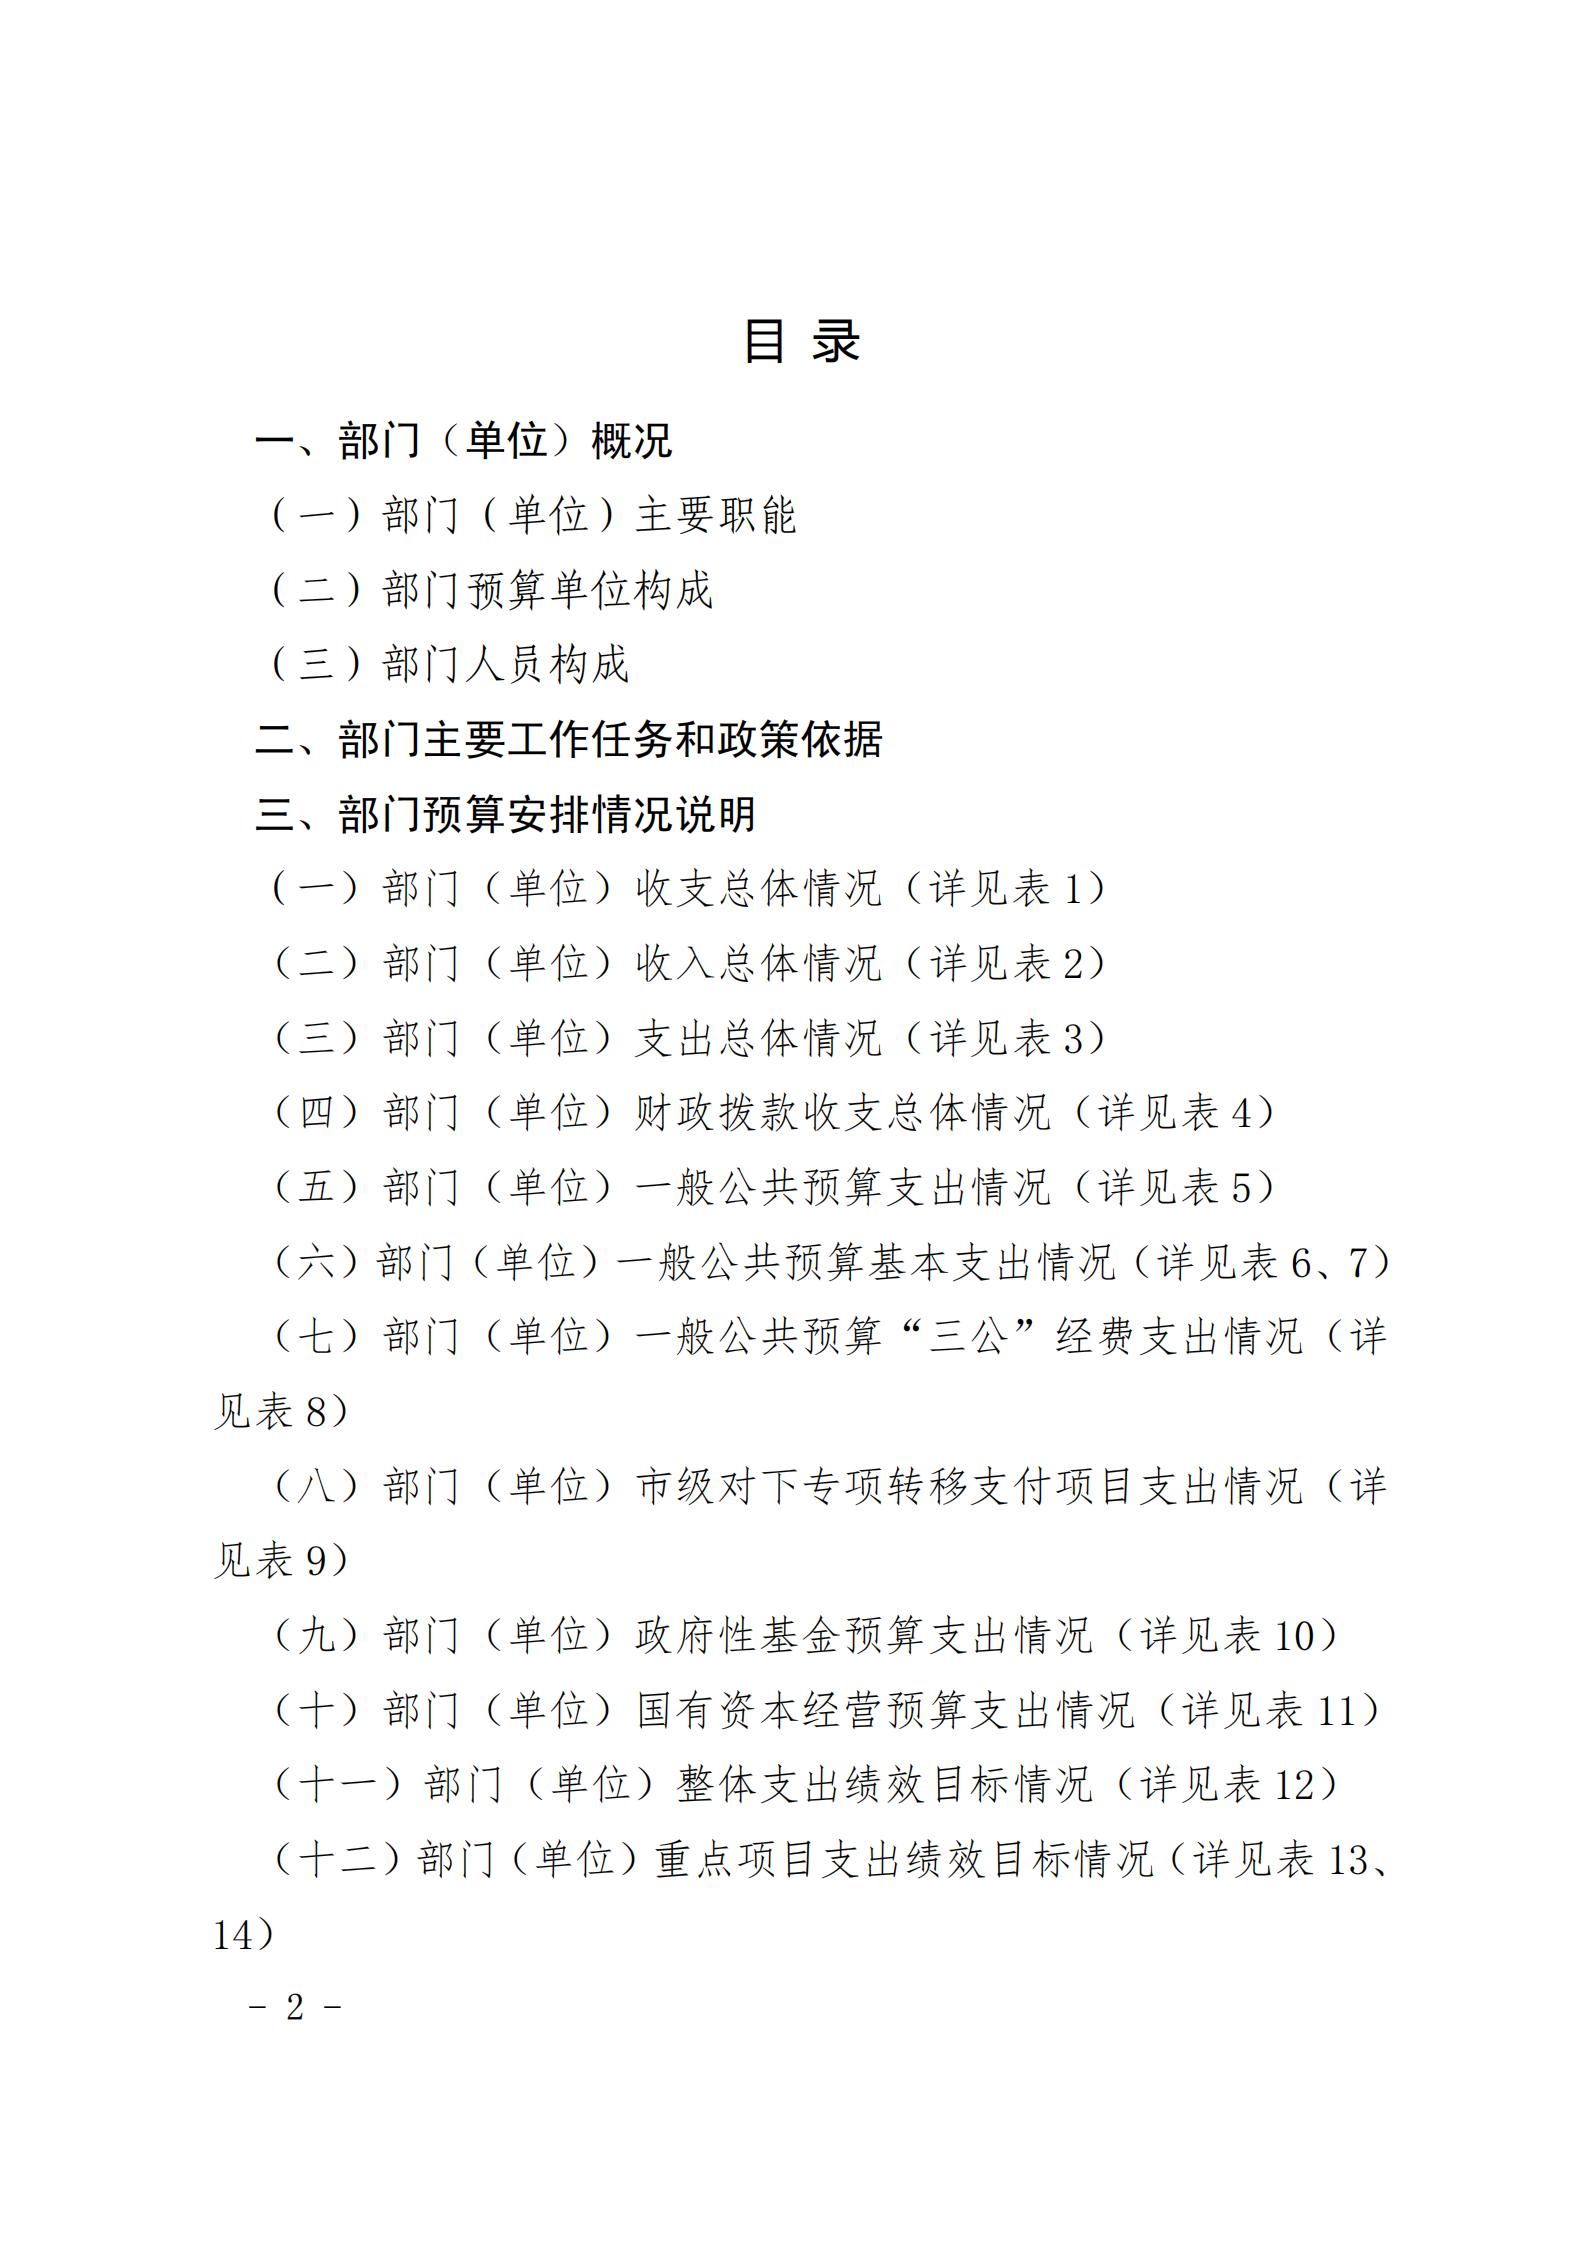 """贵阳市青少年宫2021年度市级部门预算、""""三公""""经费预算公开说明_01.png"""